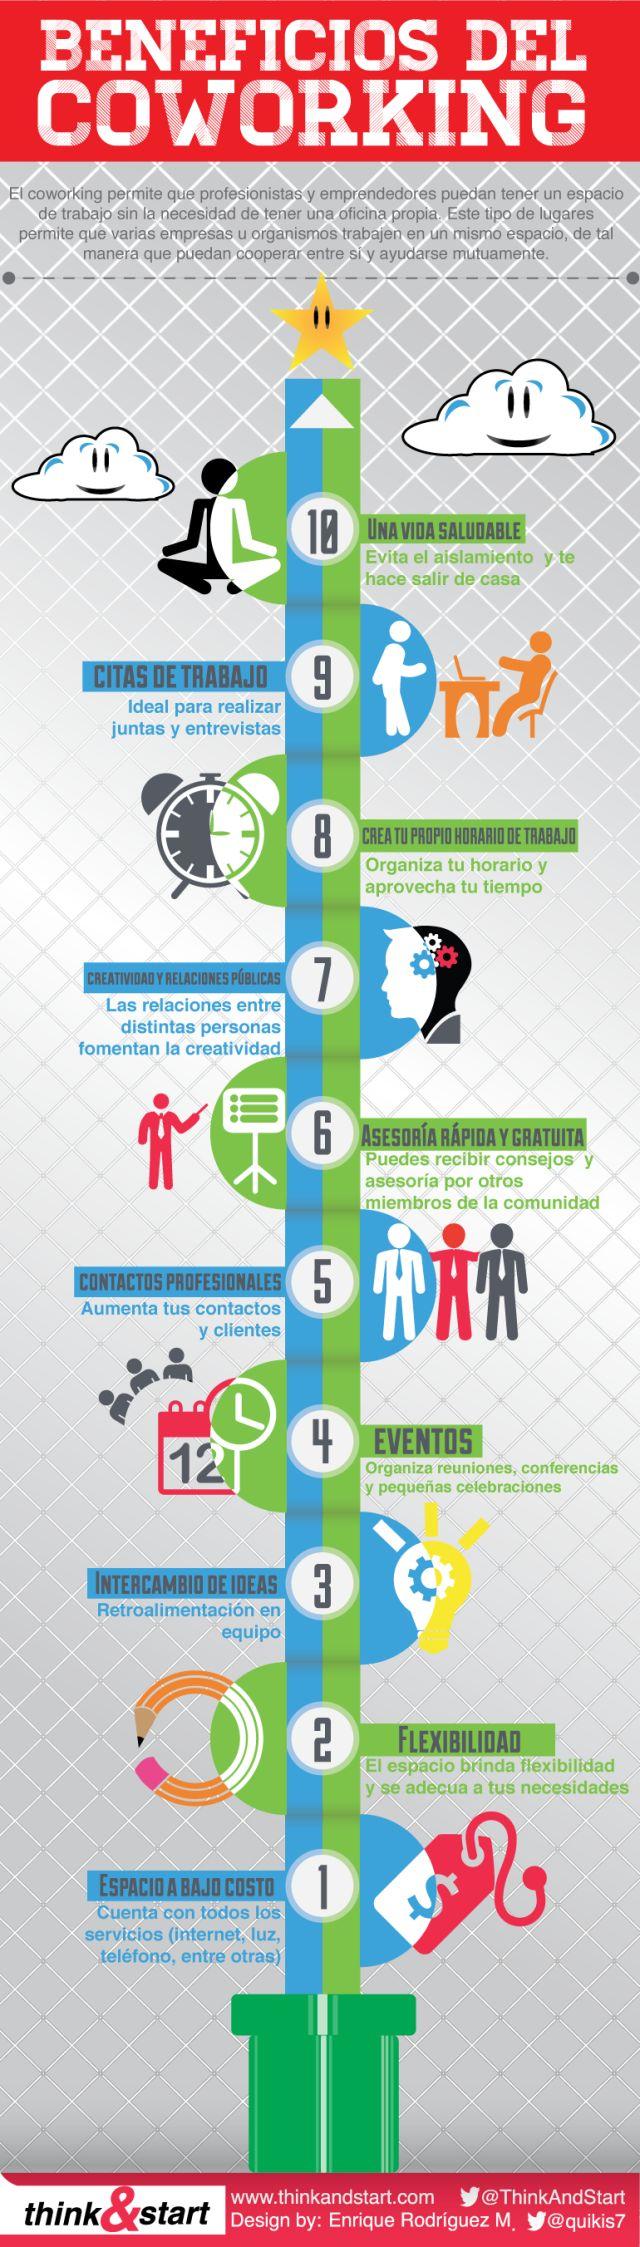 Beneficios del #coworking #emprendedores #emprender